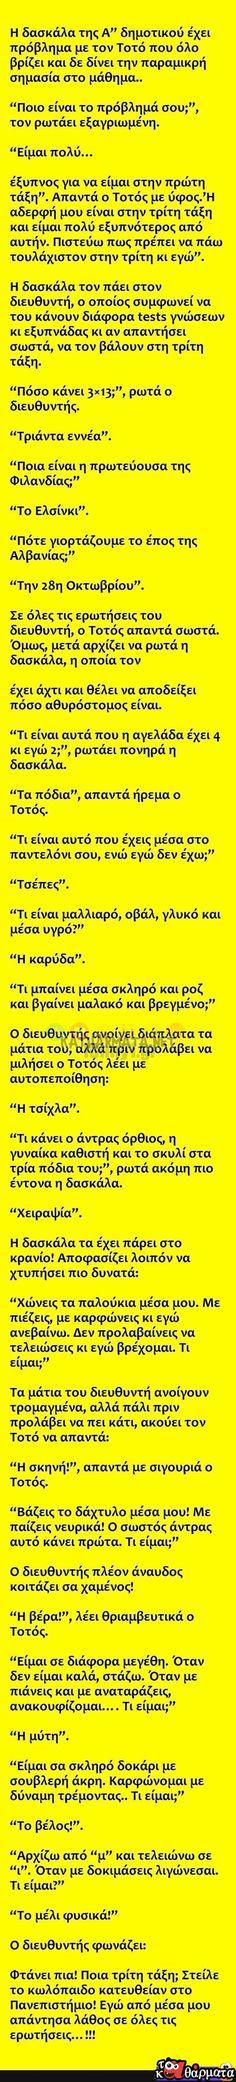 """ΚΟΡΥΦΑΙΟ! Η δασκάλα της Α"""" δημοτικού έχει πρόβλημα με τον Τοτό που… Jokes Quotes, Qoutes, Life Quotes, Memes, Funny Cartoons, Funny Jokes, Funny Images, Funny Pictures, Funny Greek Quotes"""